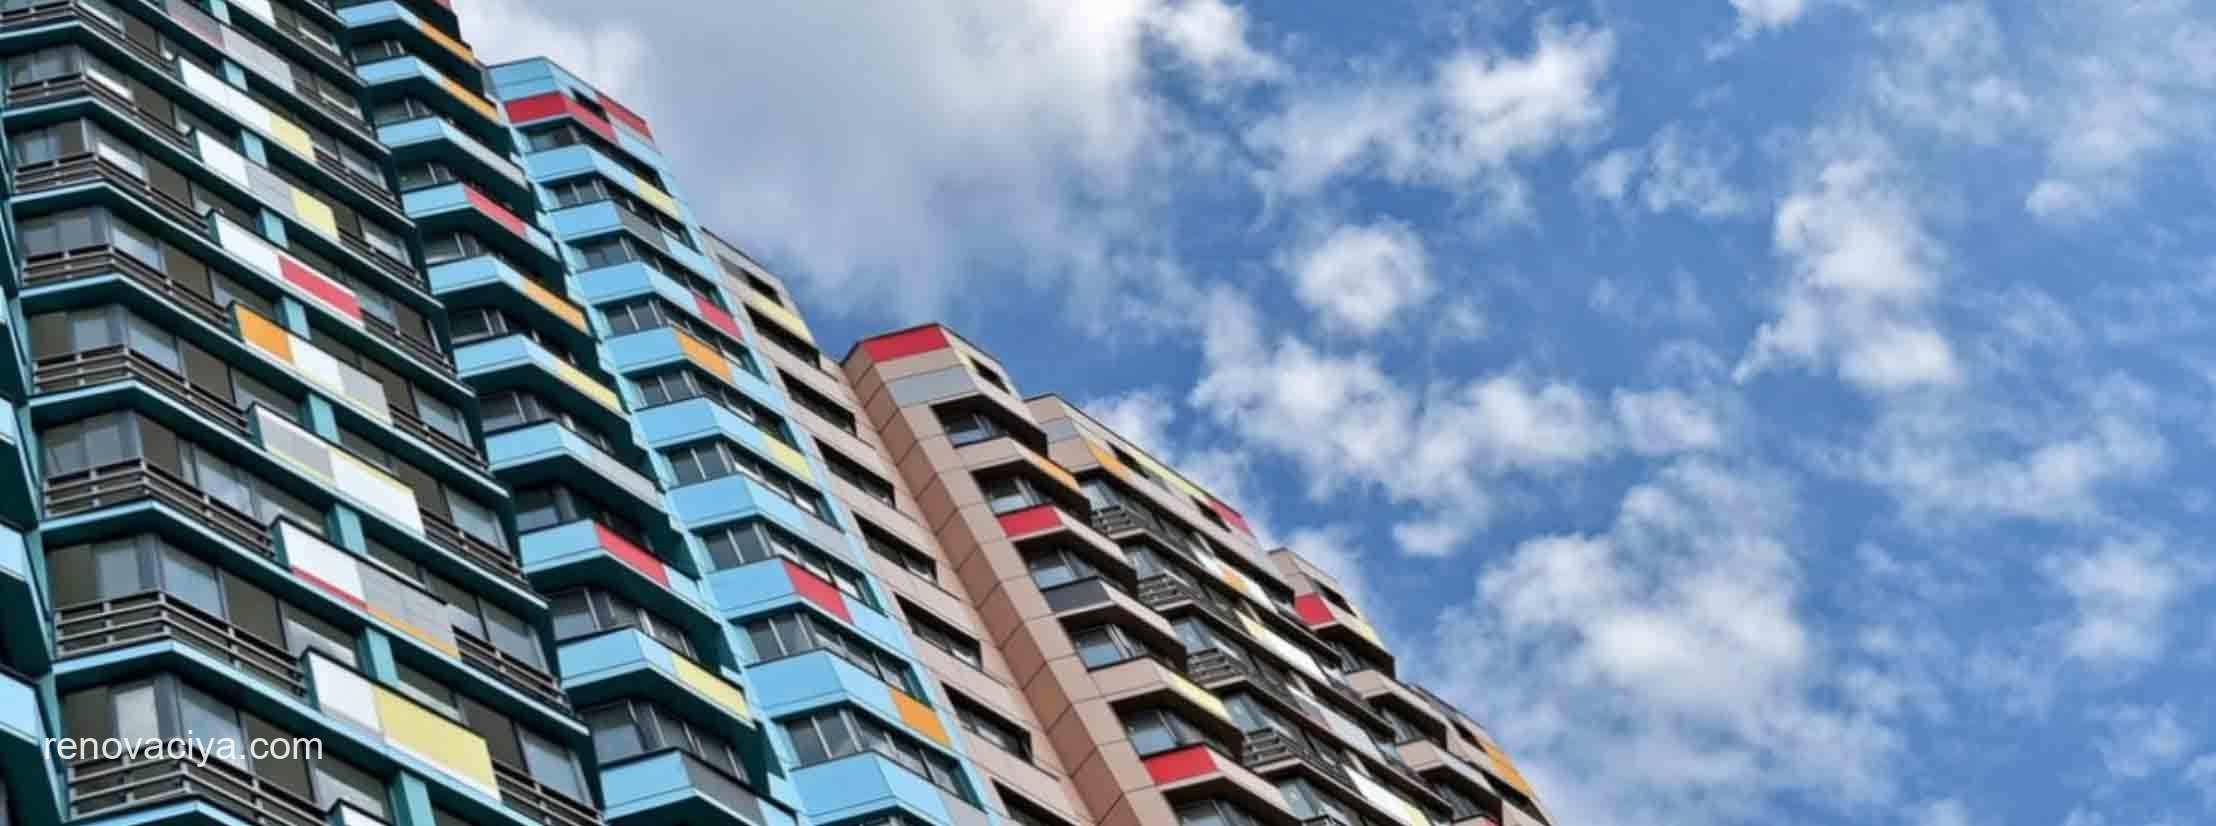 Около 560 тыс кв м жилья возведут в Новой Москве